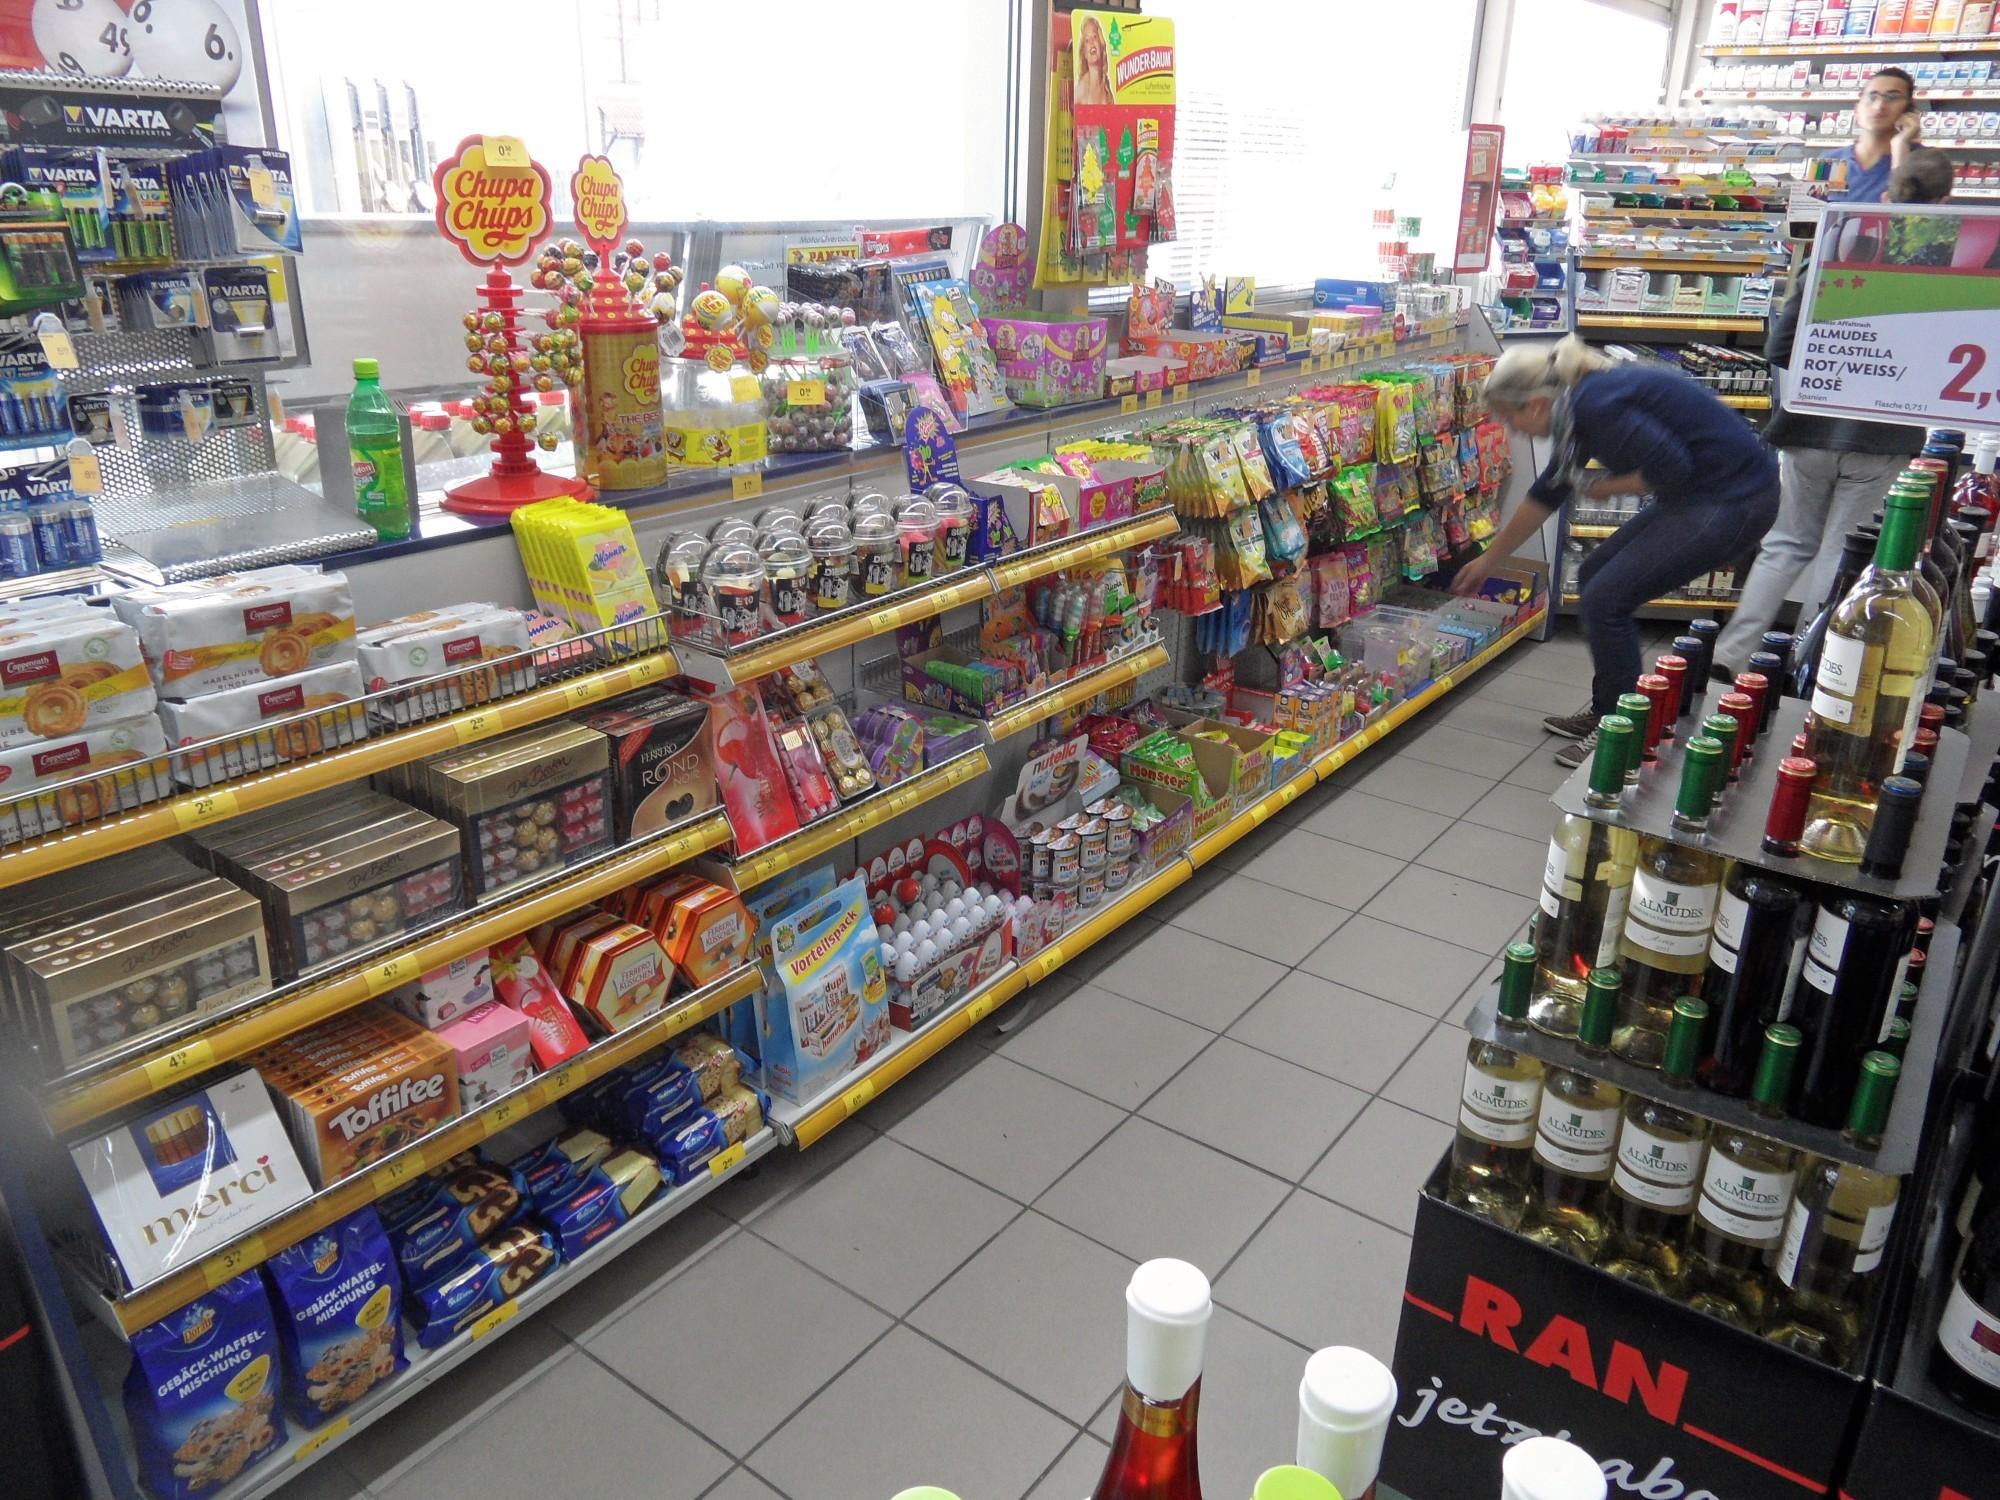 Ran Shop